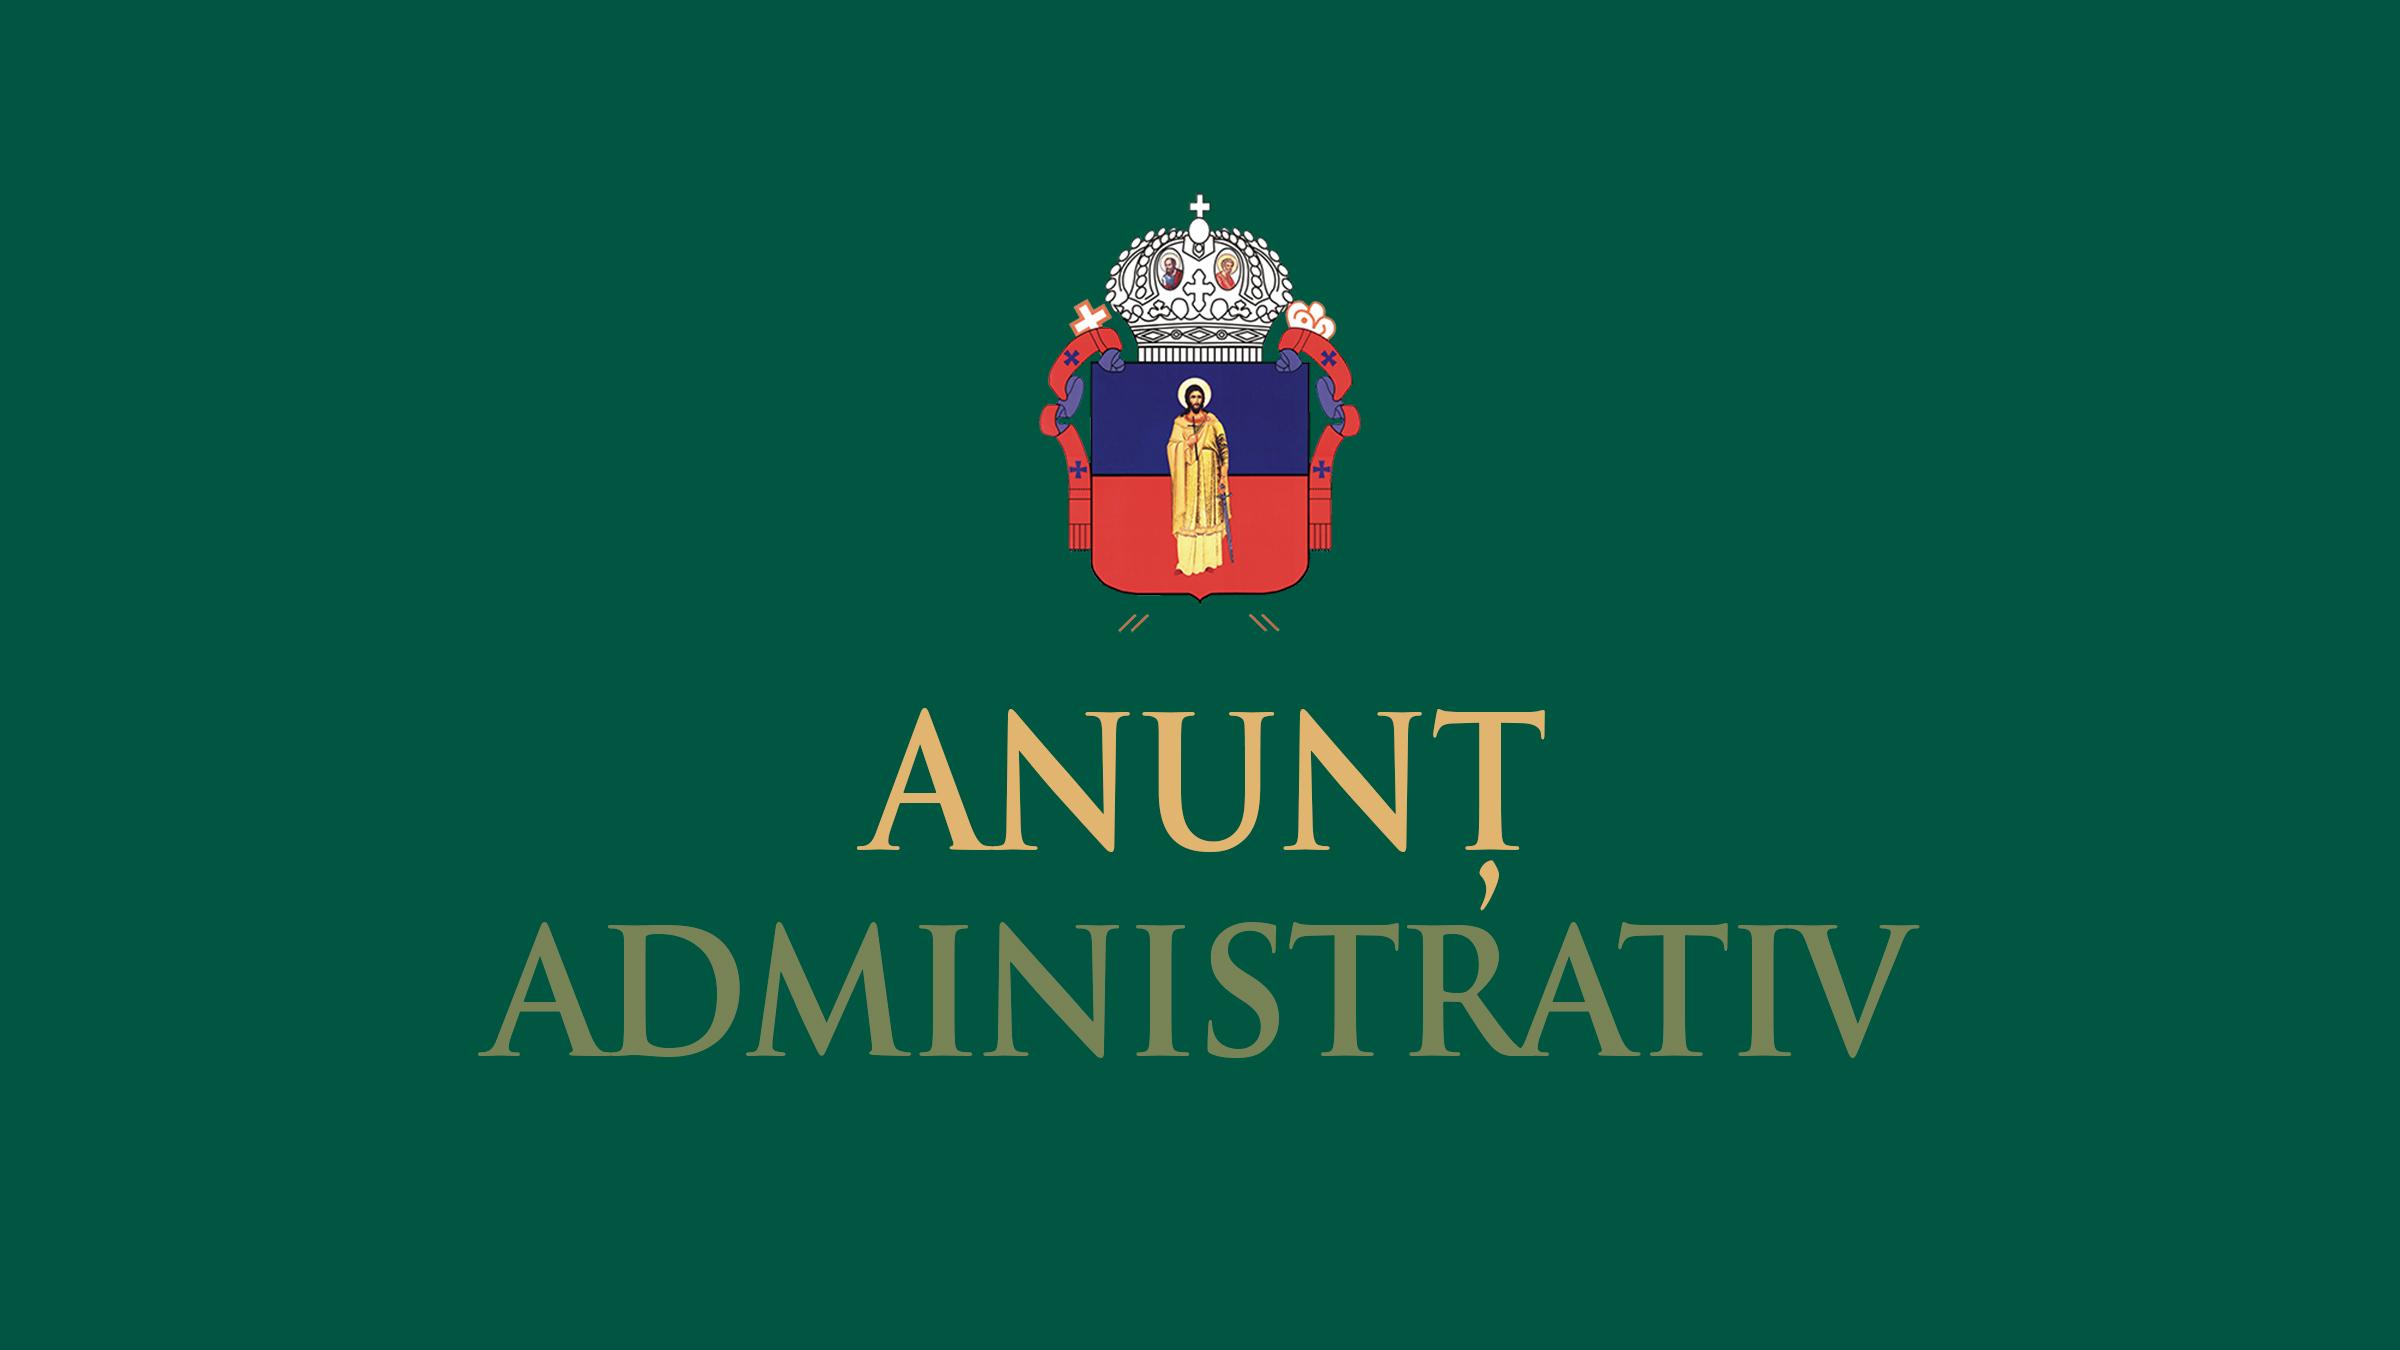 anunt_administrativ